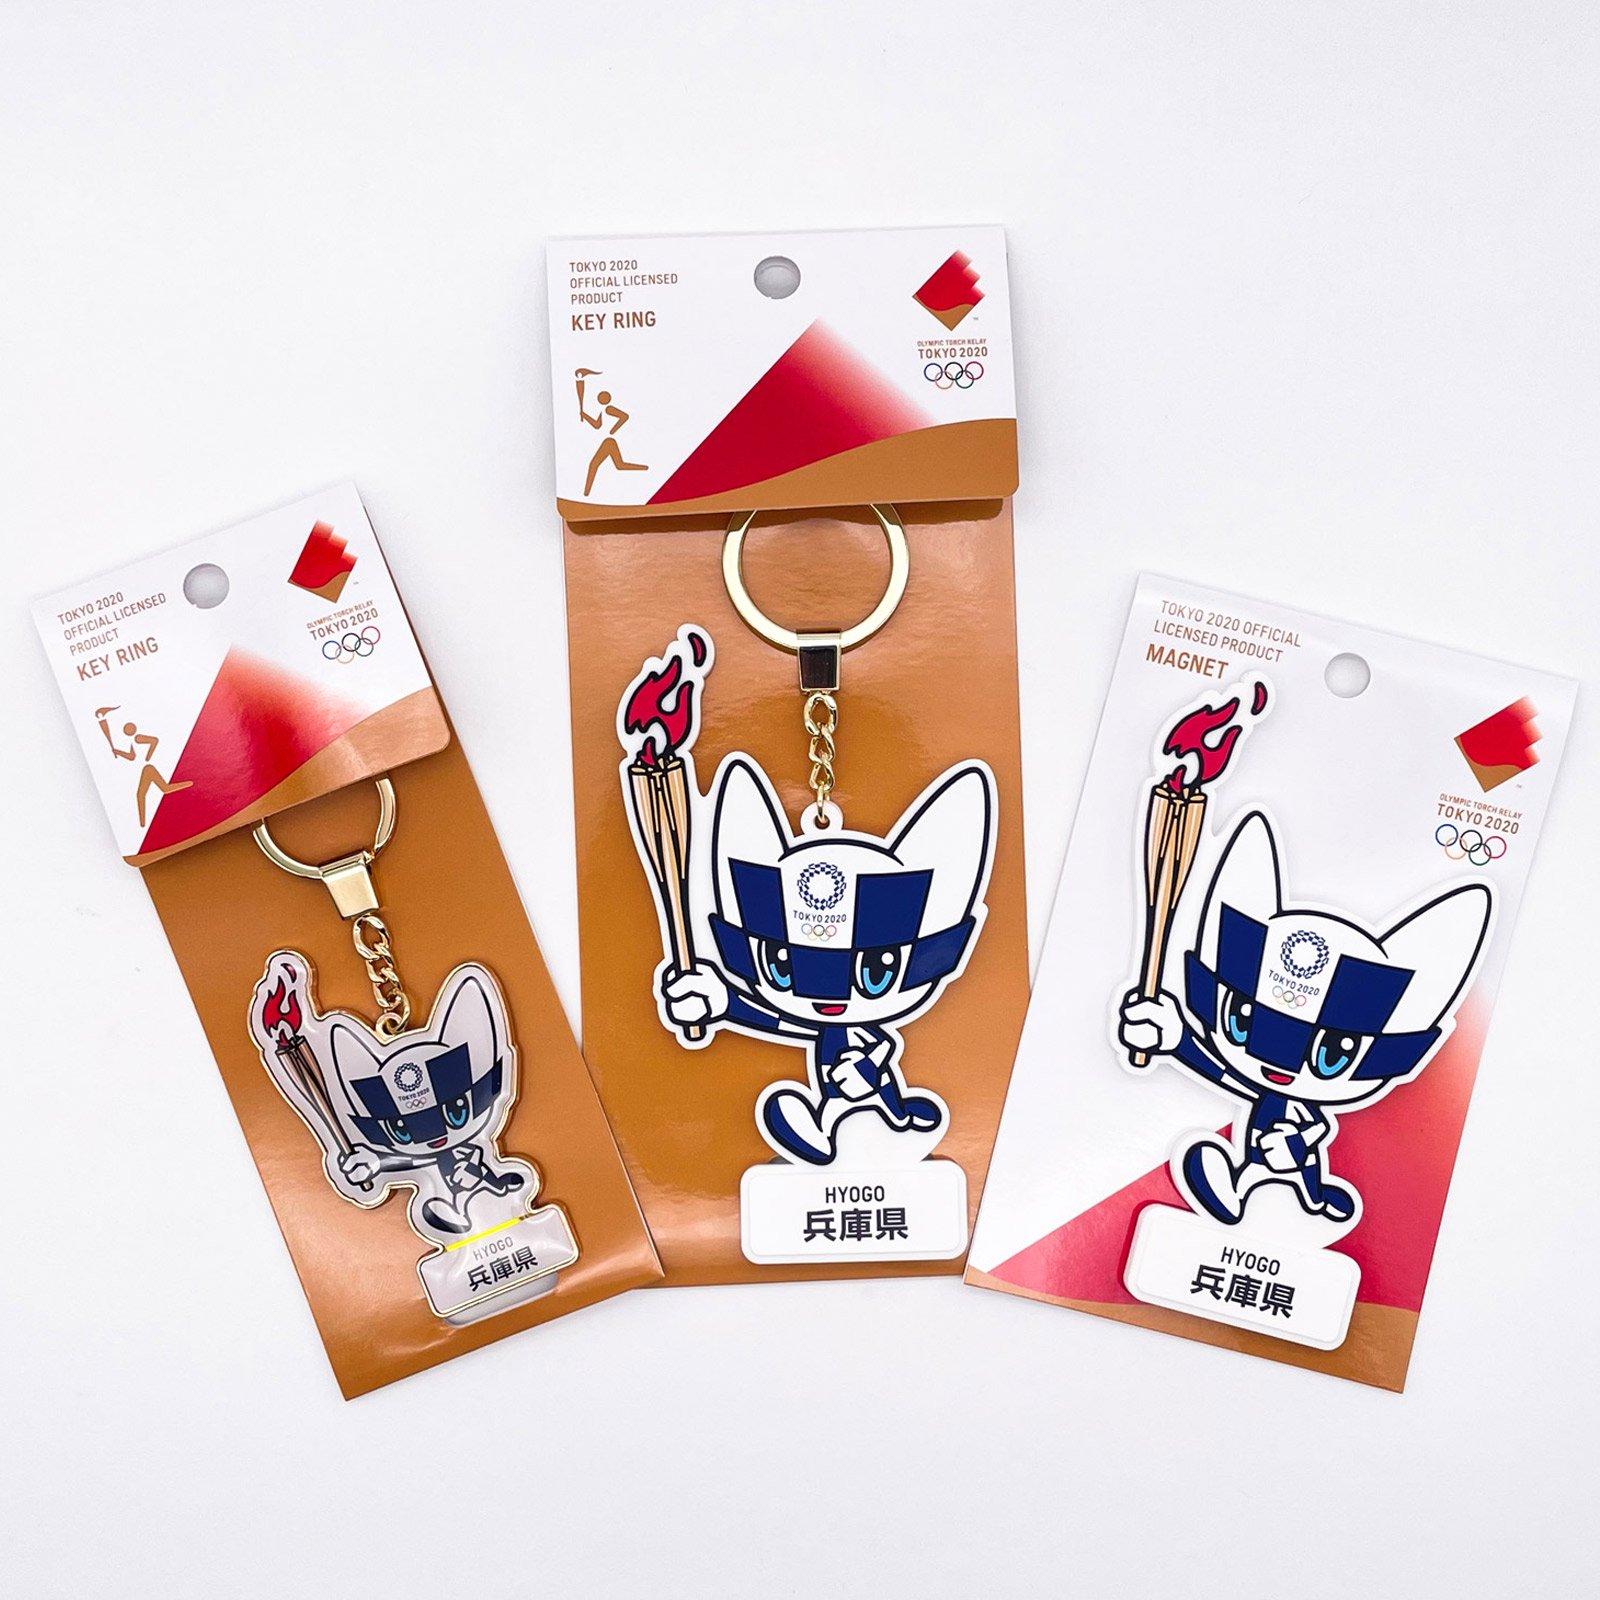 【セール価格】【お得なセット】東京2020オリンピック聖火リレーマスコット商品:兵庫県セット